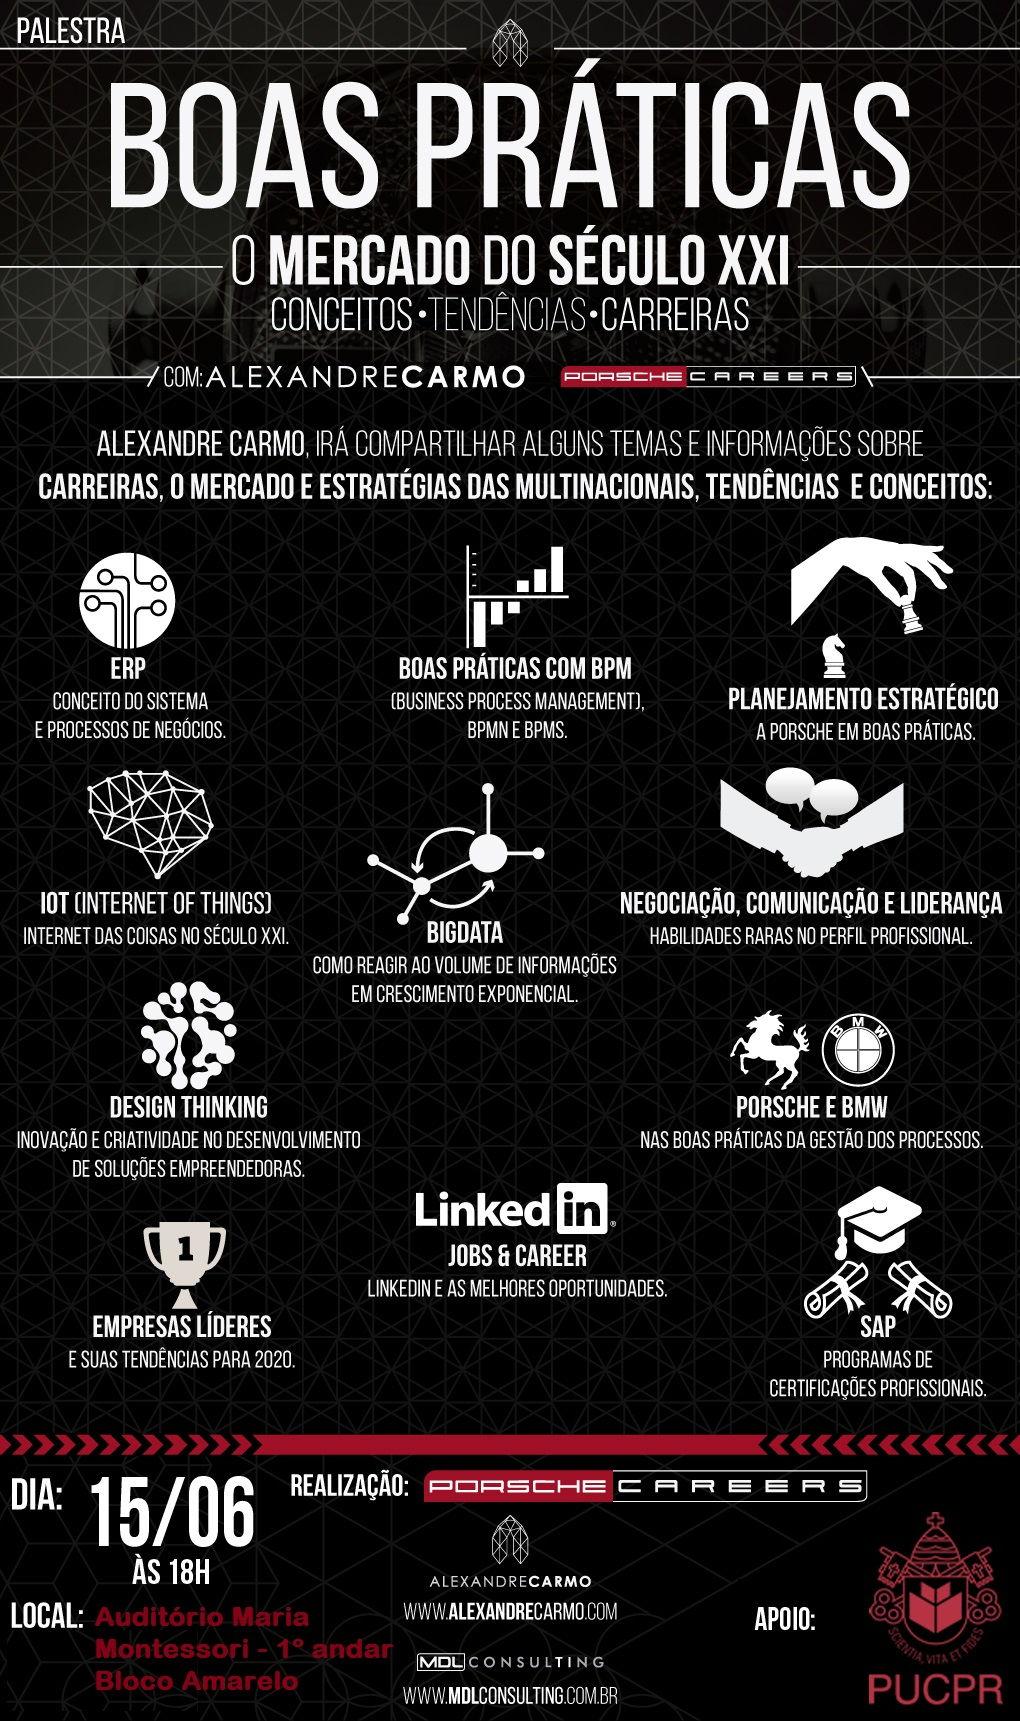 Puc Curitiba - Porsche Careers.jpg